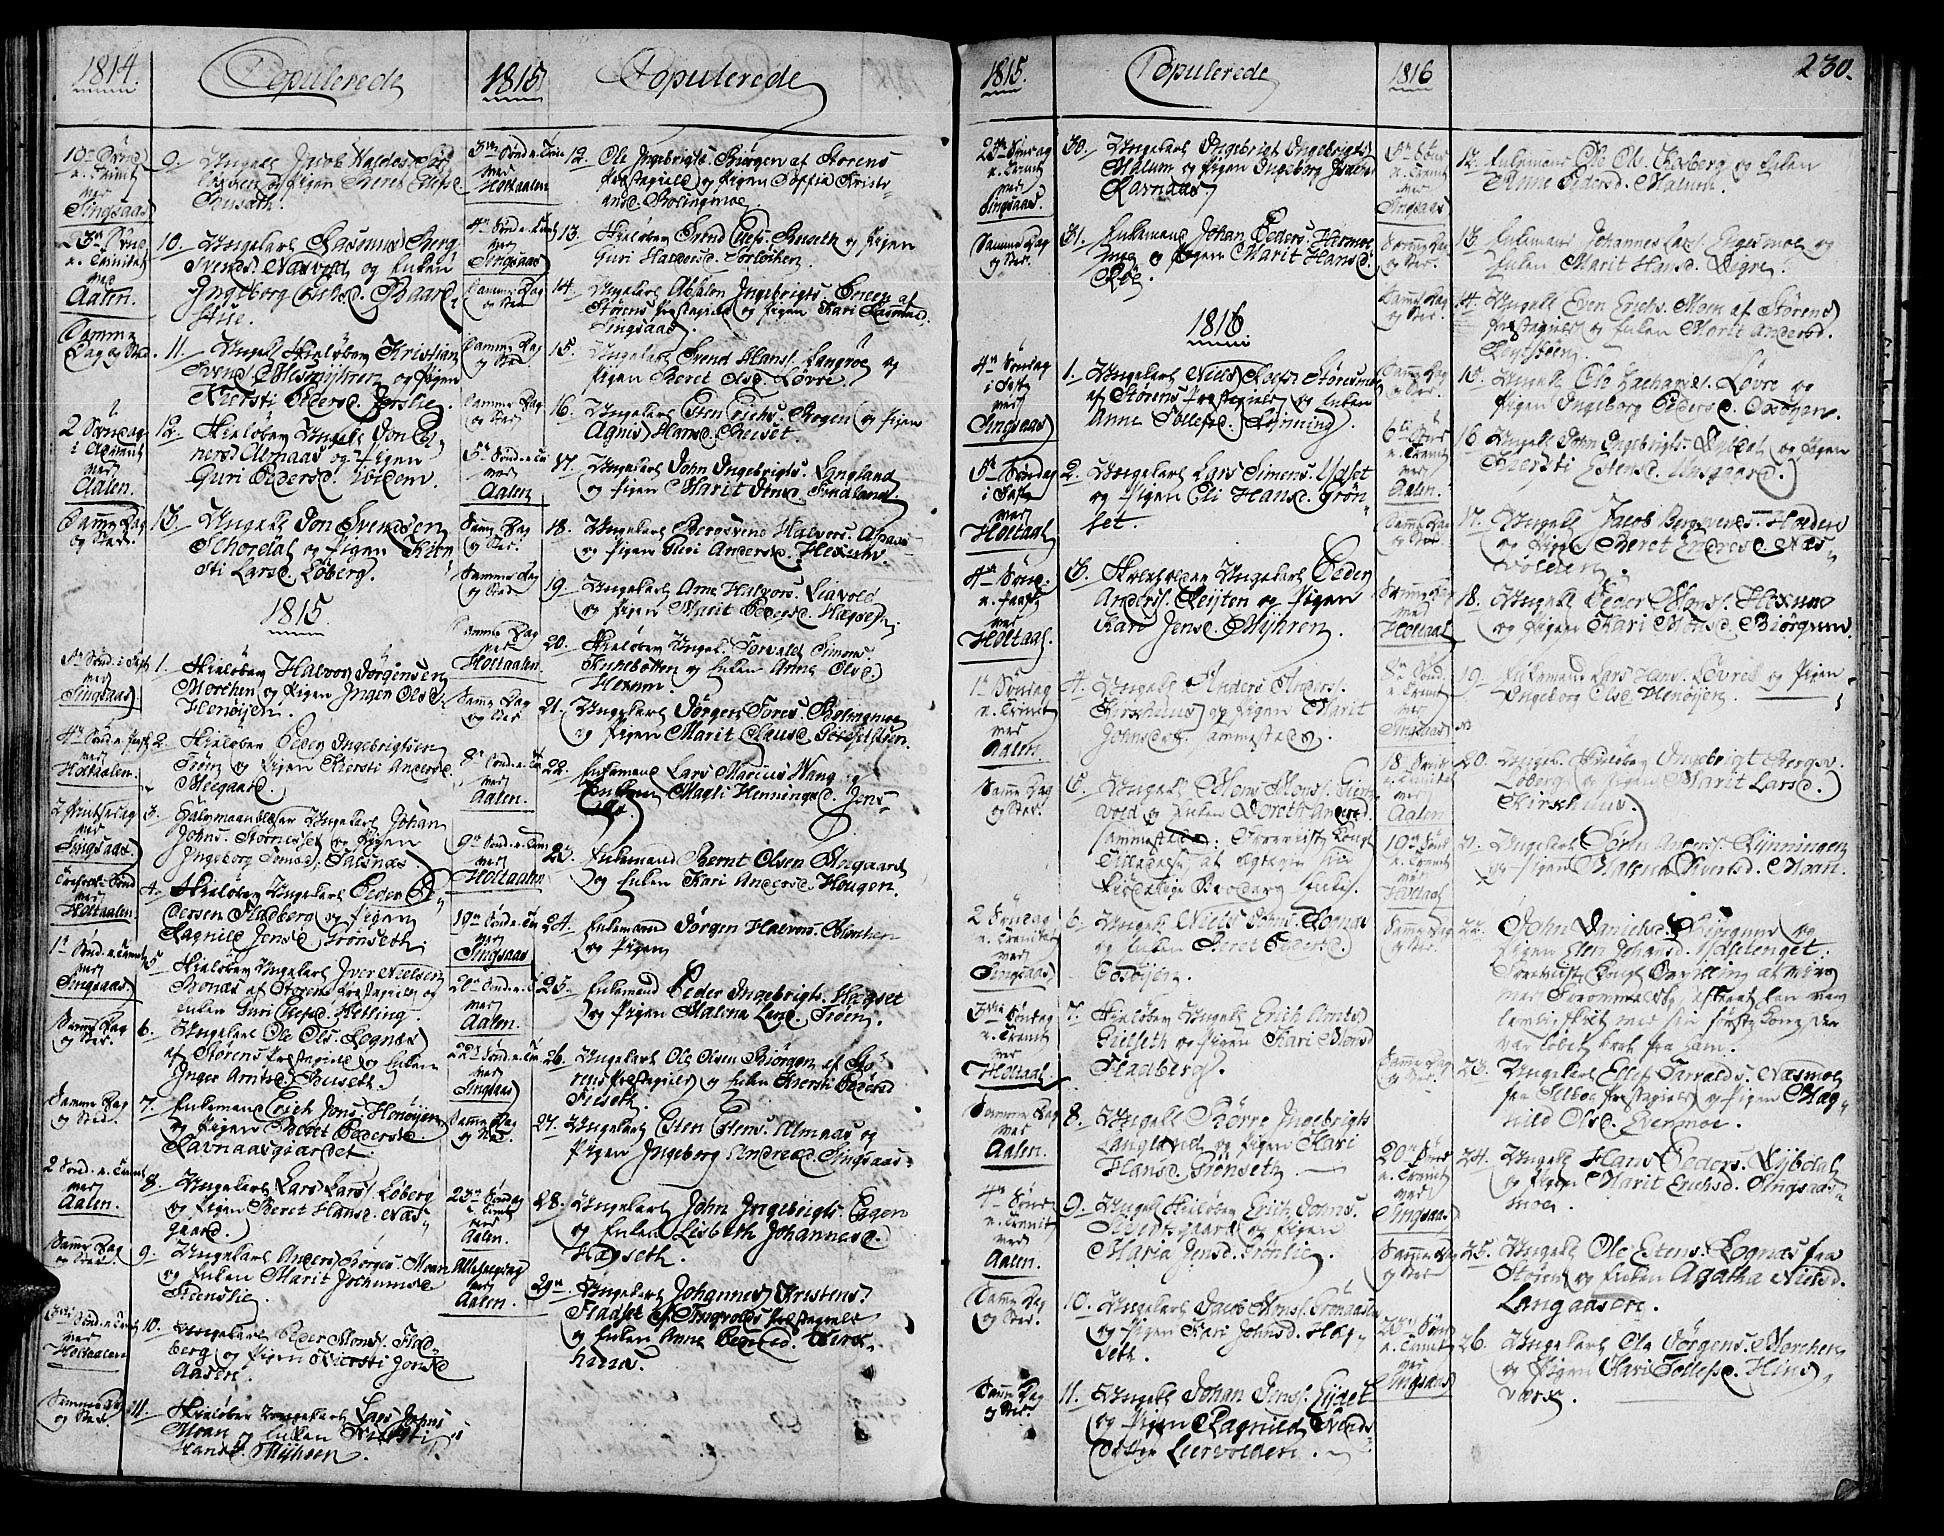 SAT, Ministerialprotokoller, klokkerbøker og fødselsregistre - Sør-Trøndelag, 685/L0953: Ministerialbok nr. 685A02, 1805-1816, s. 230